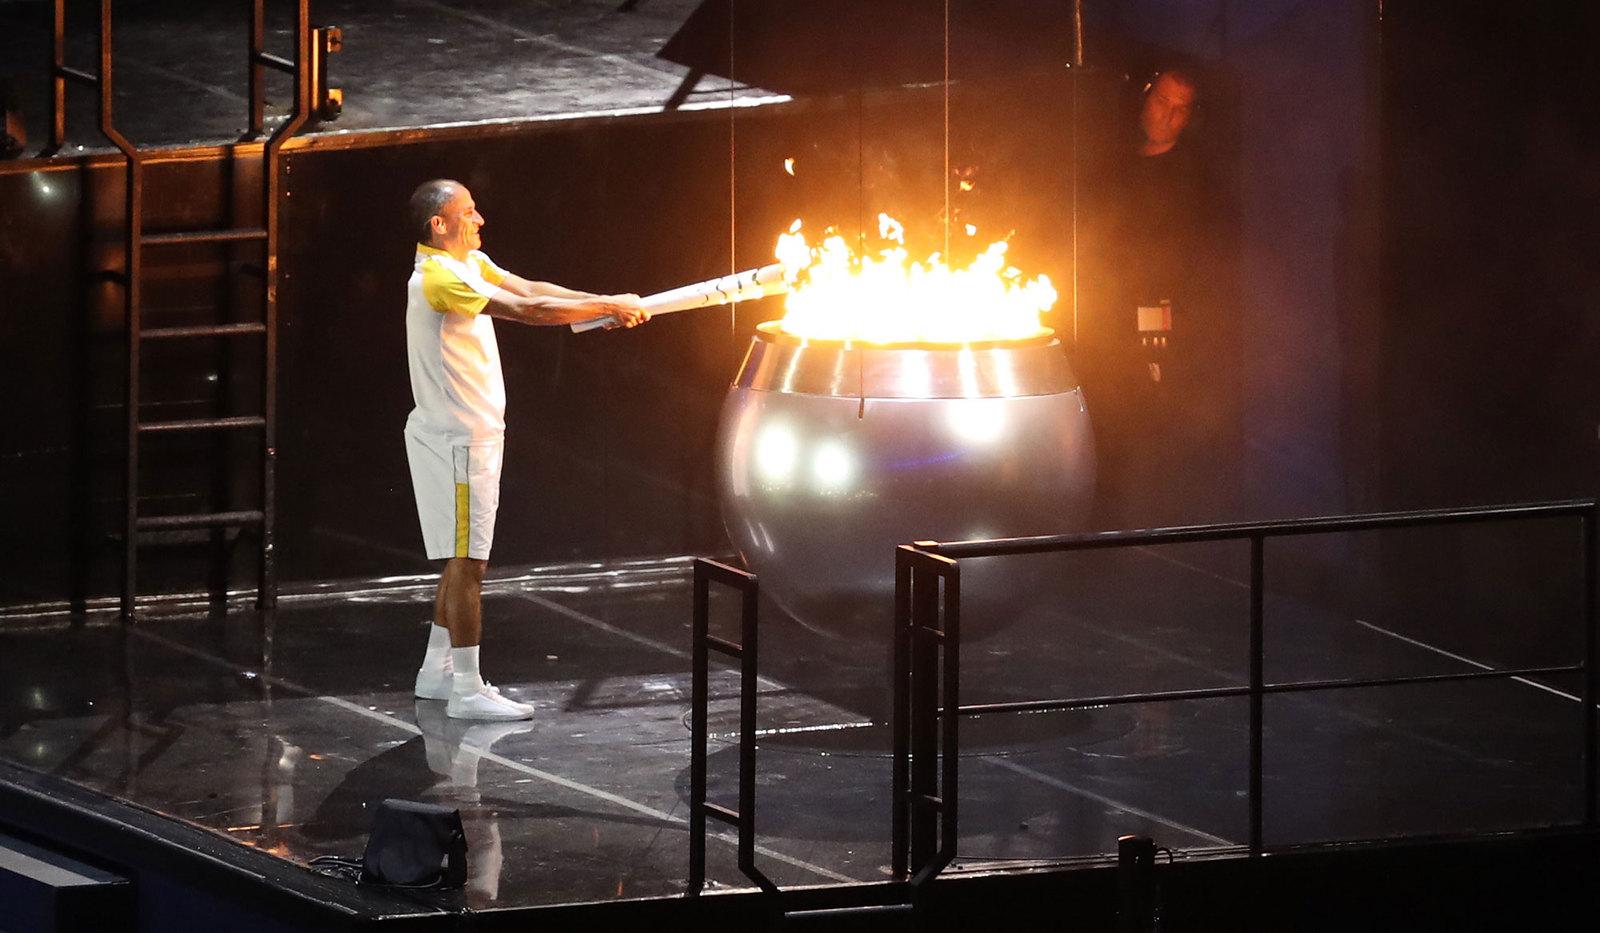 Вандарлей Кордейру удостоился чести зажечь олимпийский огонь бразильской олимпиады